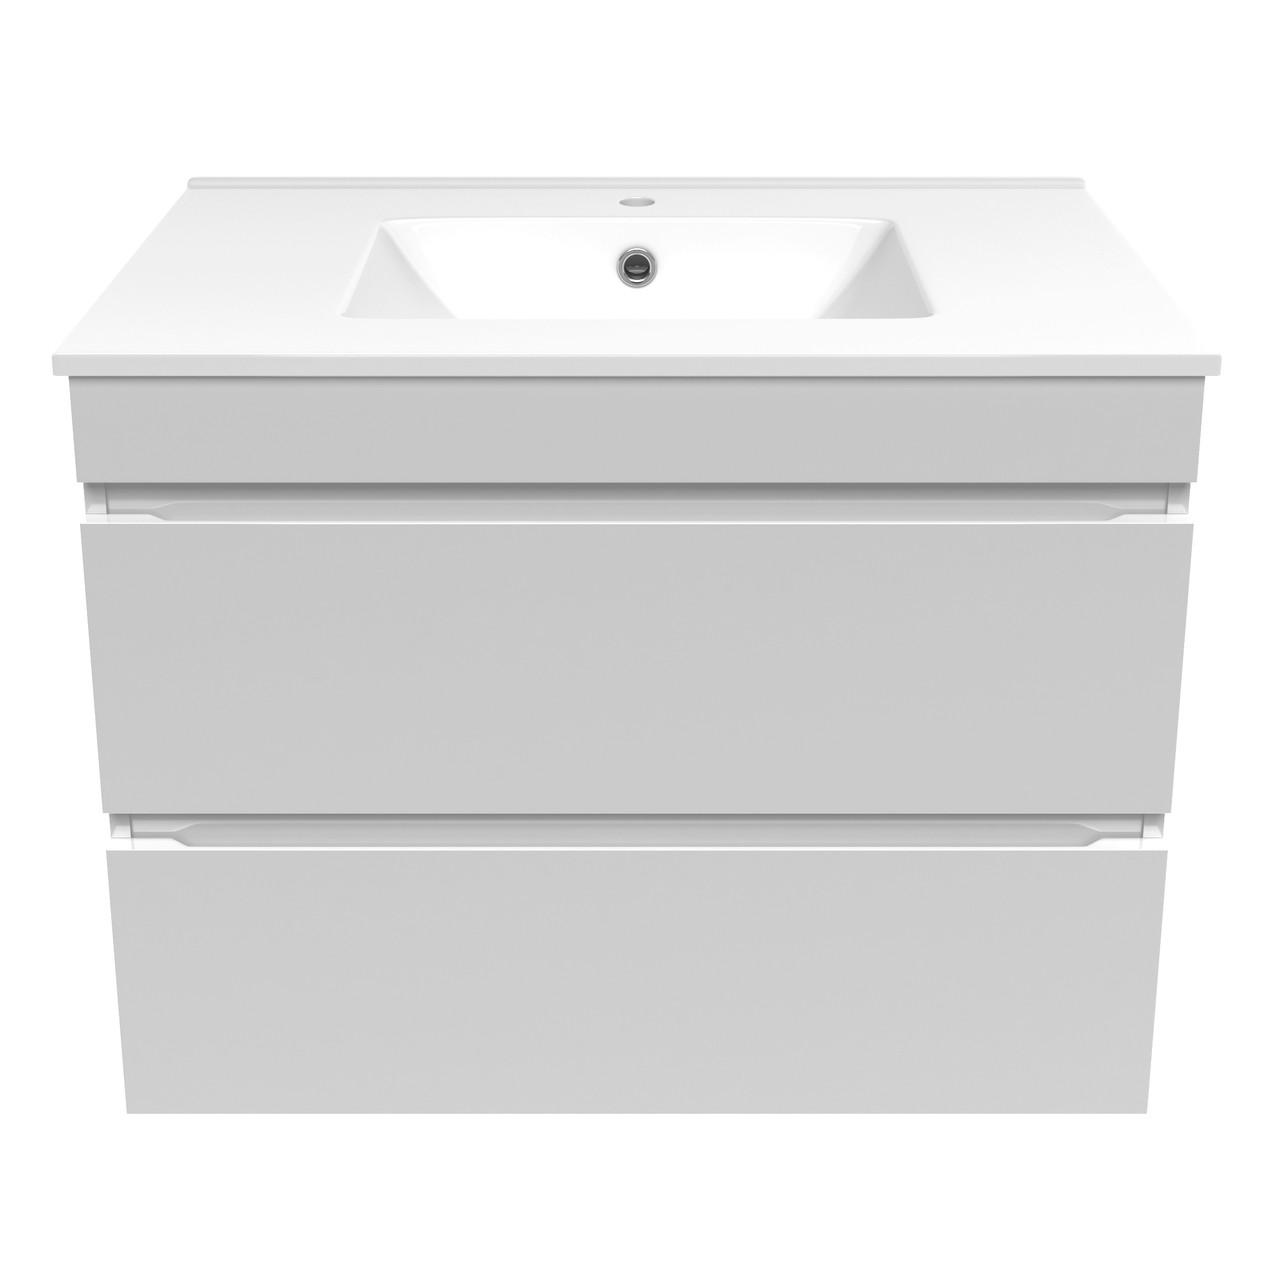 Звоните. Будет дешевле. Volle FIESTA Комплект мебели 800: тумба подвесная белая (2 ящика) + умывальник